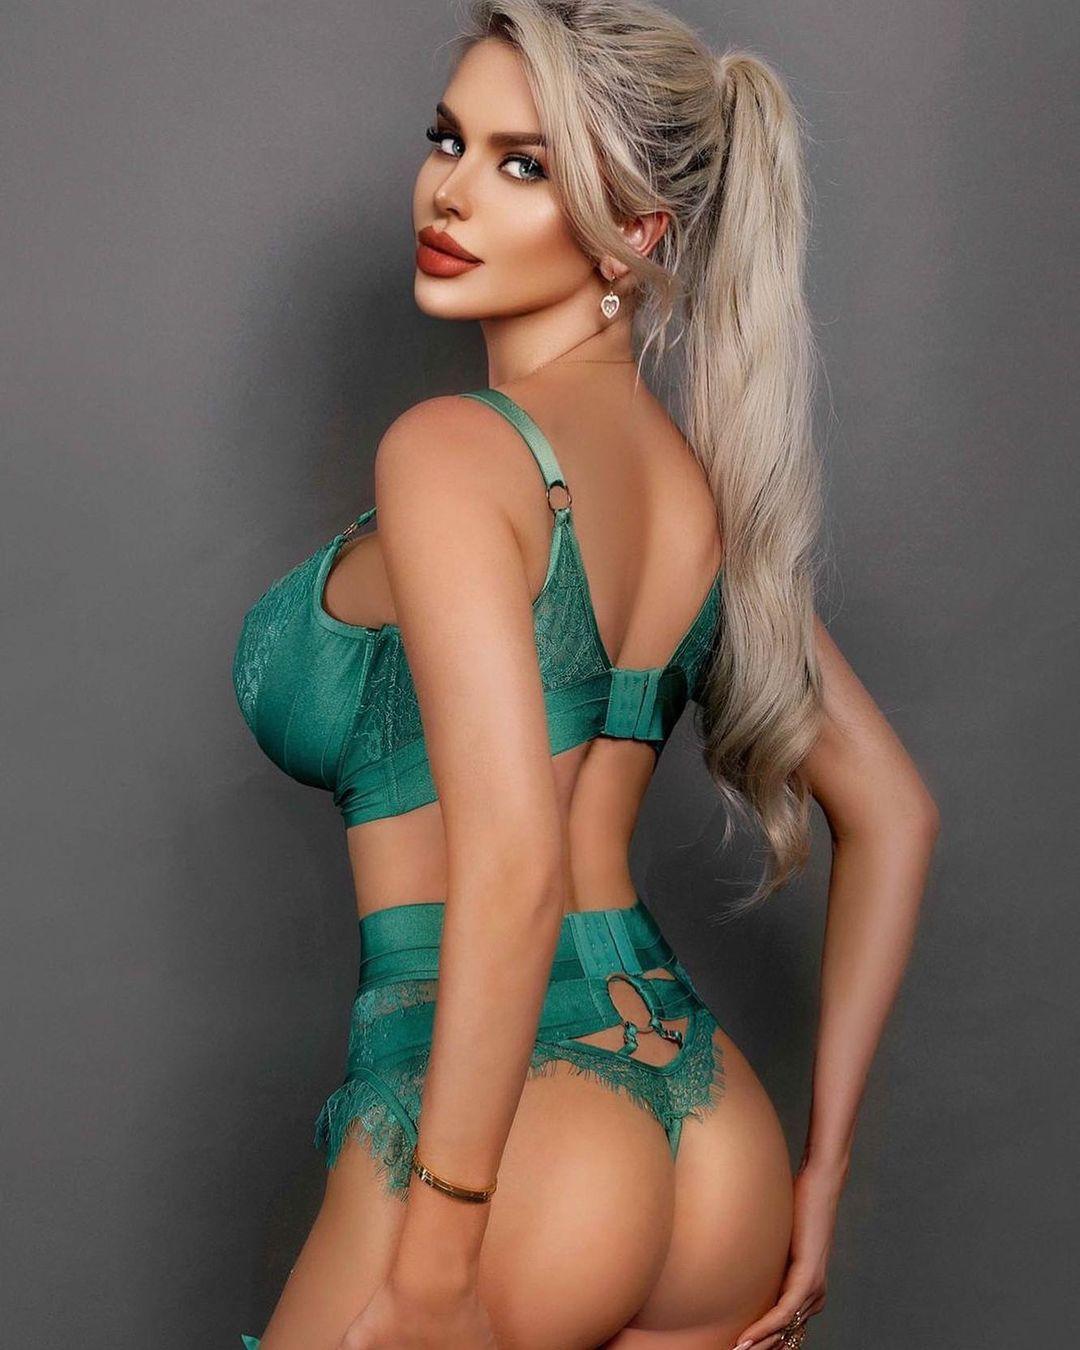 Elisa Bethann - Мегасексуальная модель нижнего белья и бикини 7